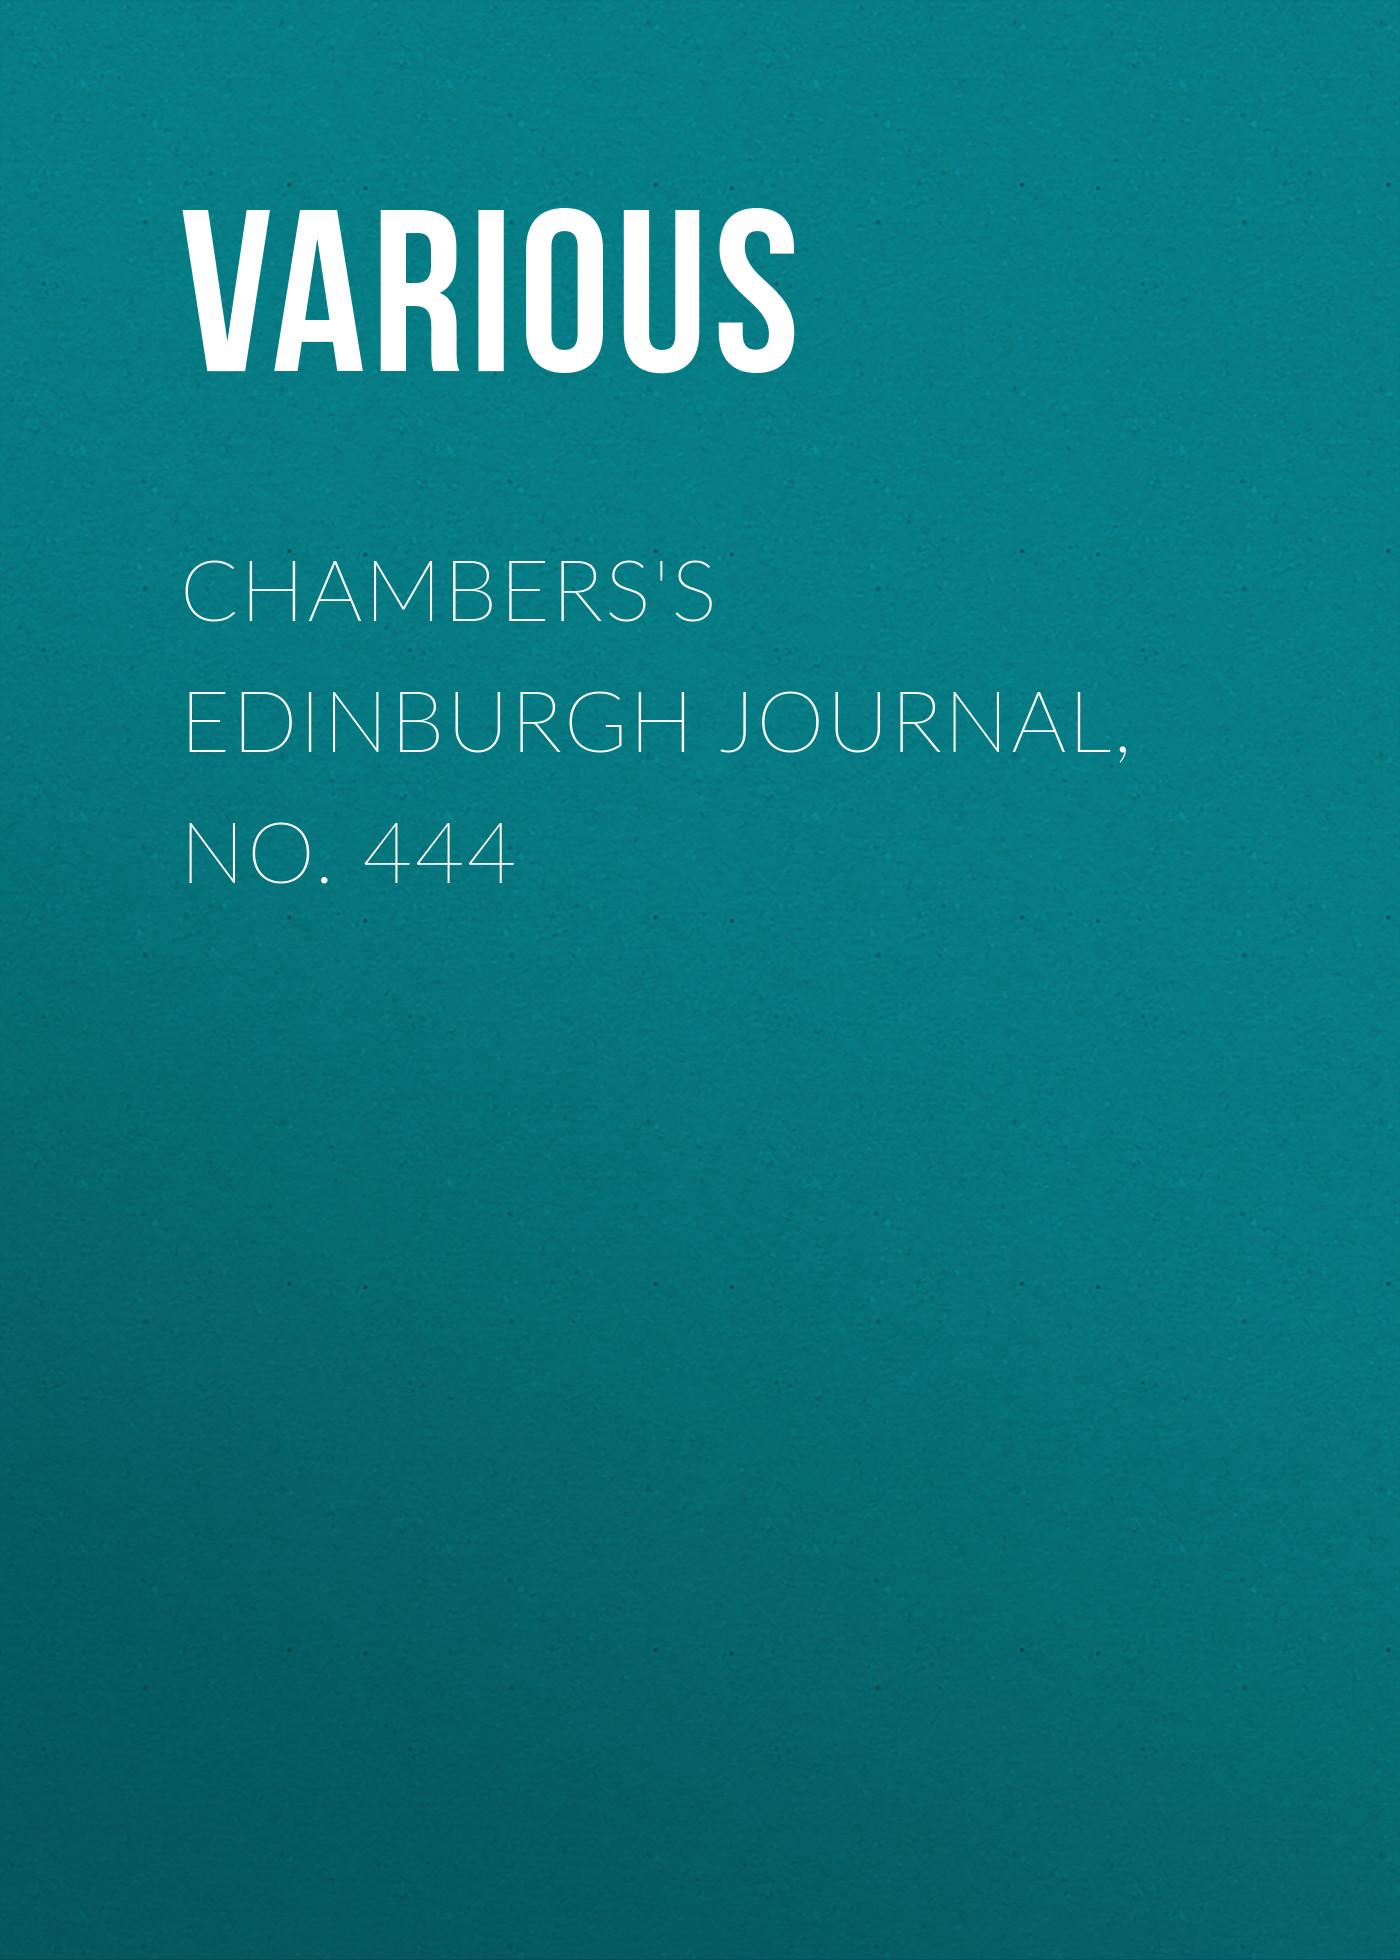 Chambers\'s Edinburgh Journal, No. 444 ( Various  )